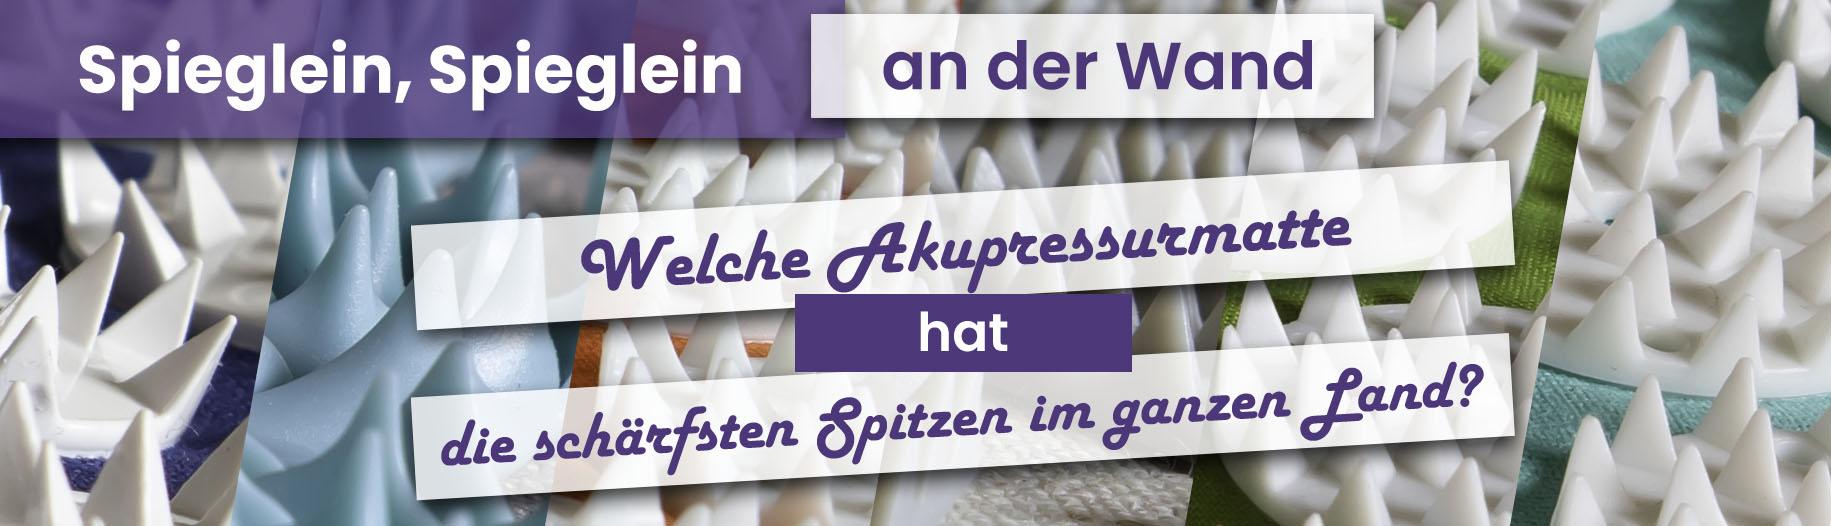 Akupressurmatten-Spitzen-Vergleich-Beitragsbild